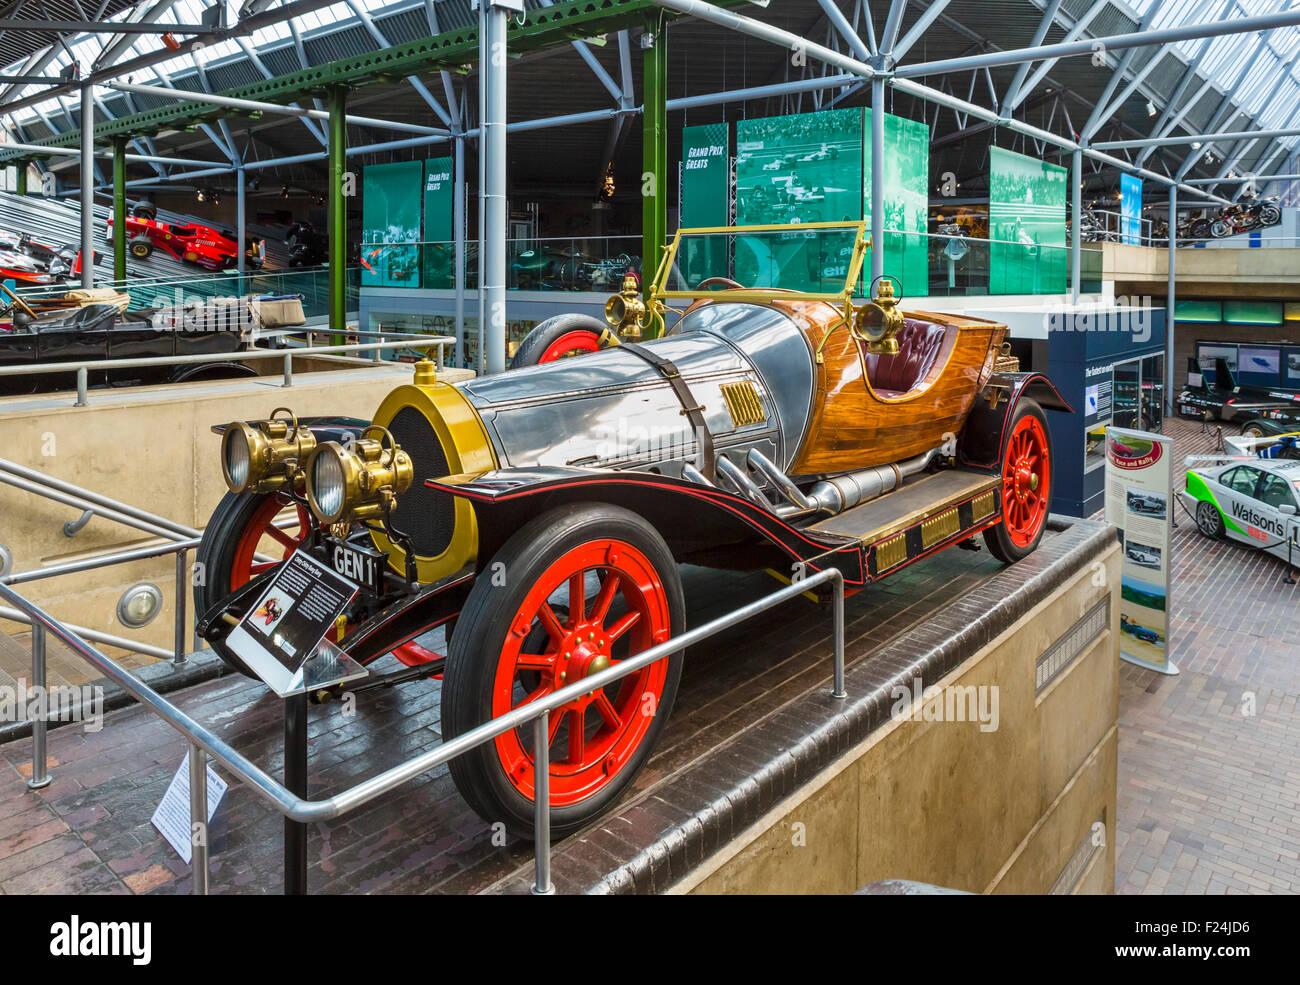 Chitty Chitty Bang Bang Car On Display At The National Motor Museum,  Beaulieu, Hampshire